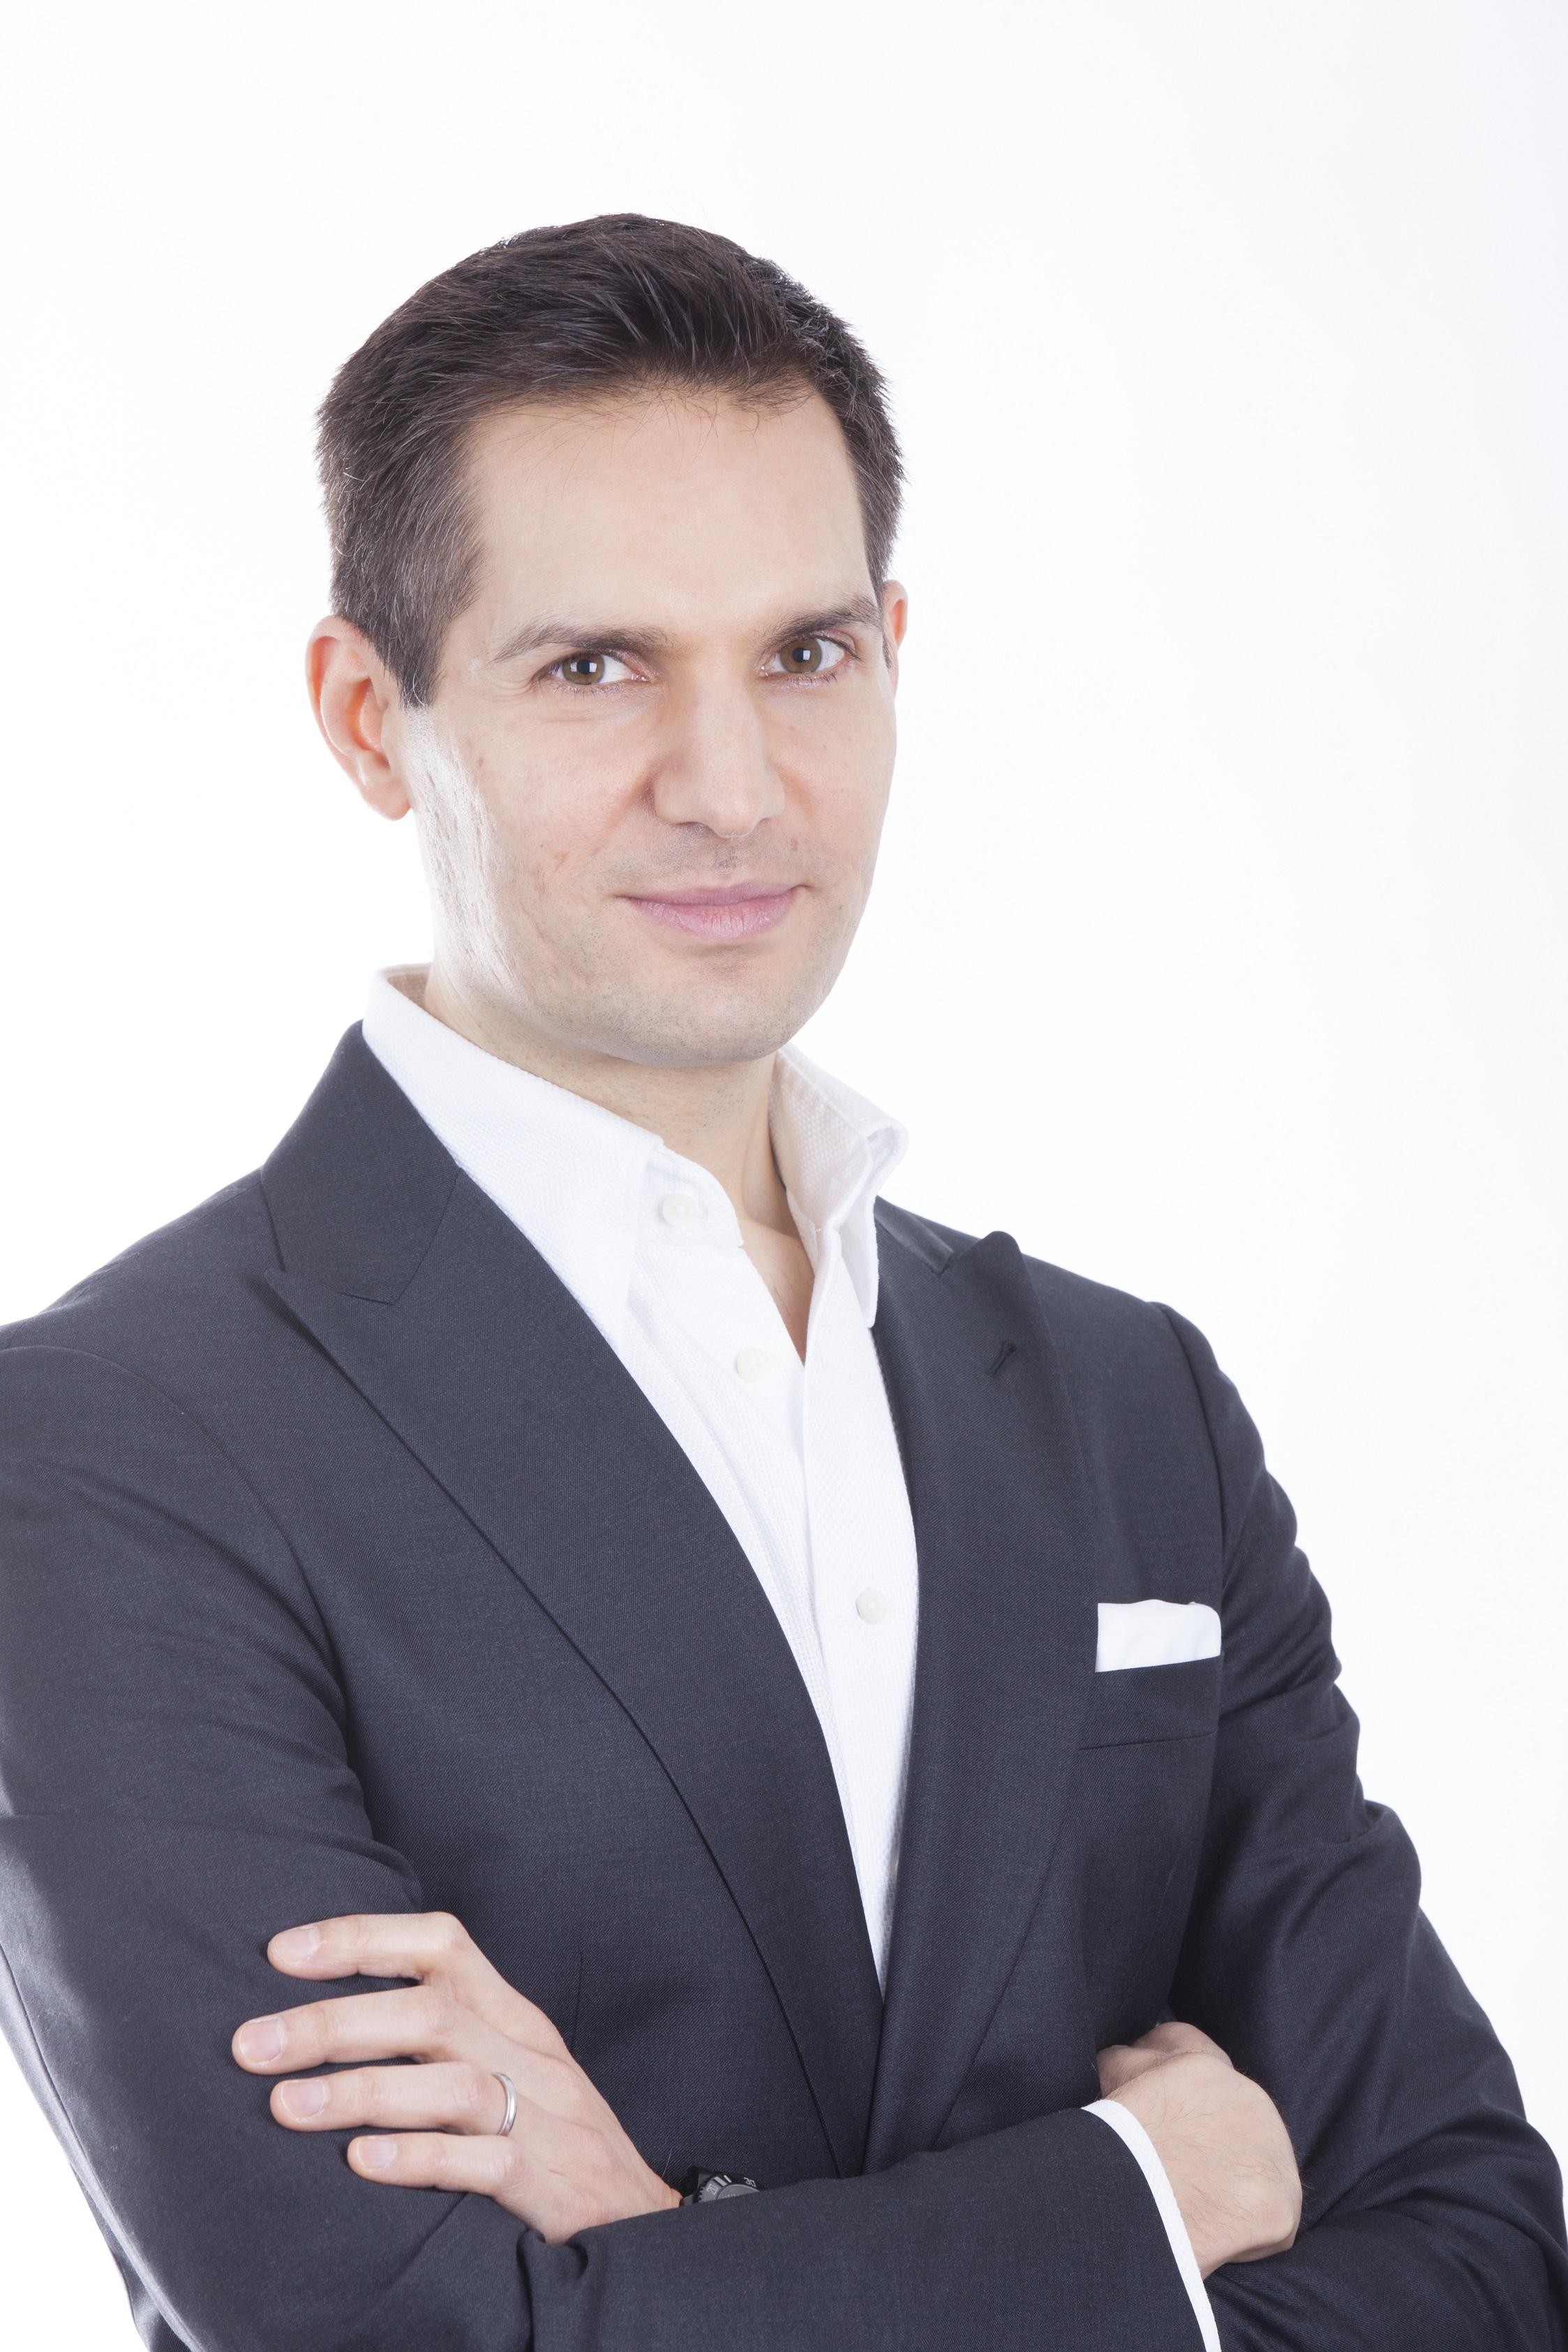 Yasin Sebastian Qureshi, Aqua Digital Rising